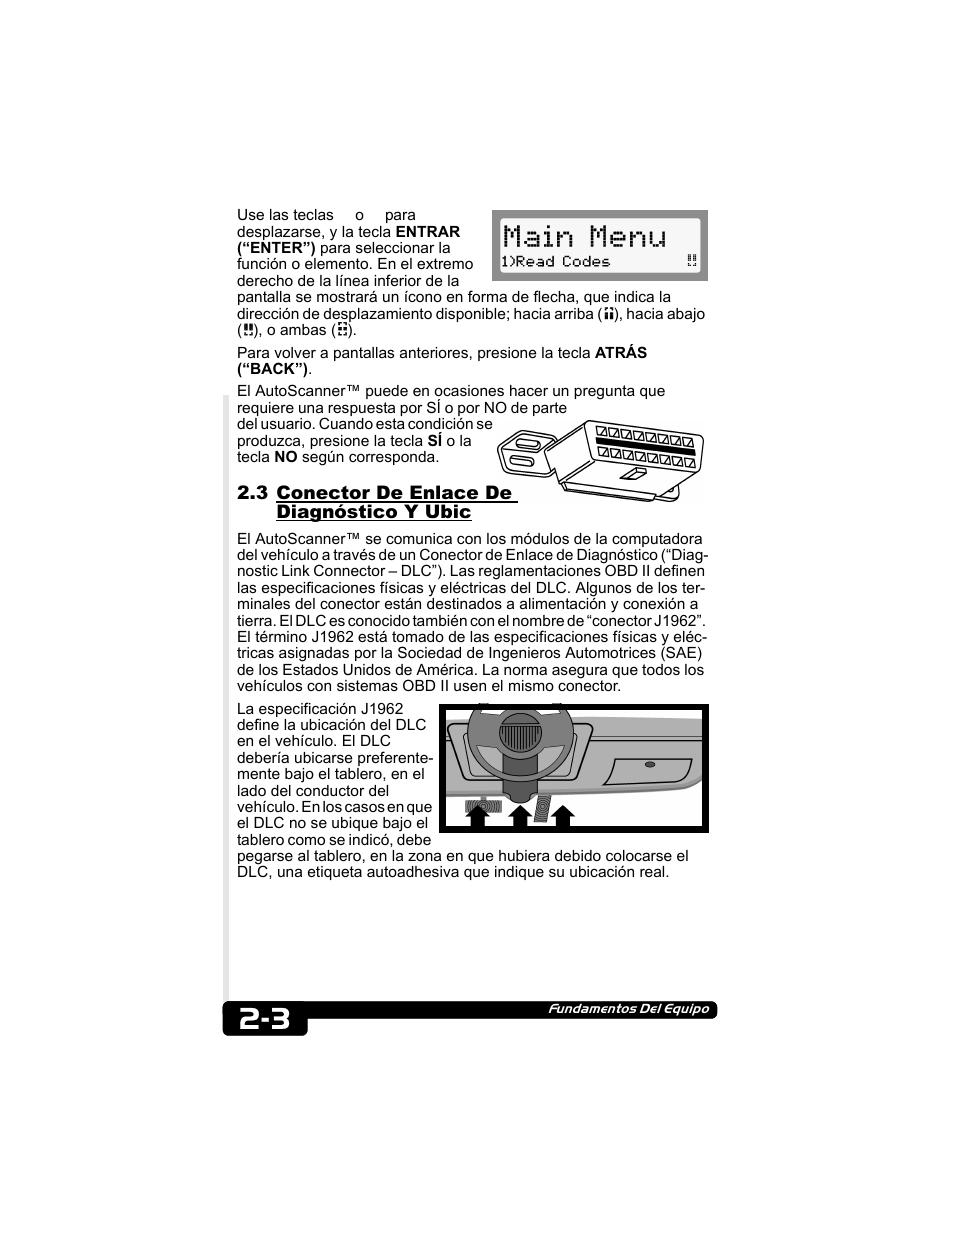 3 conector de enlace de diagn stico y ubic main menu actron rh manualsdir com Actron CP9135 Link Error Actron CP9135 Update